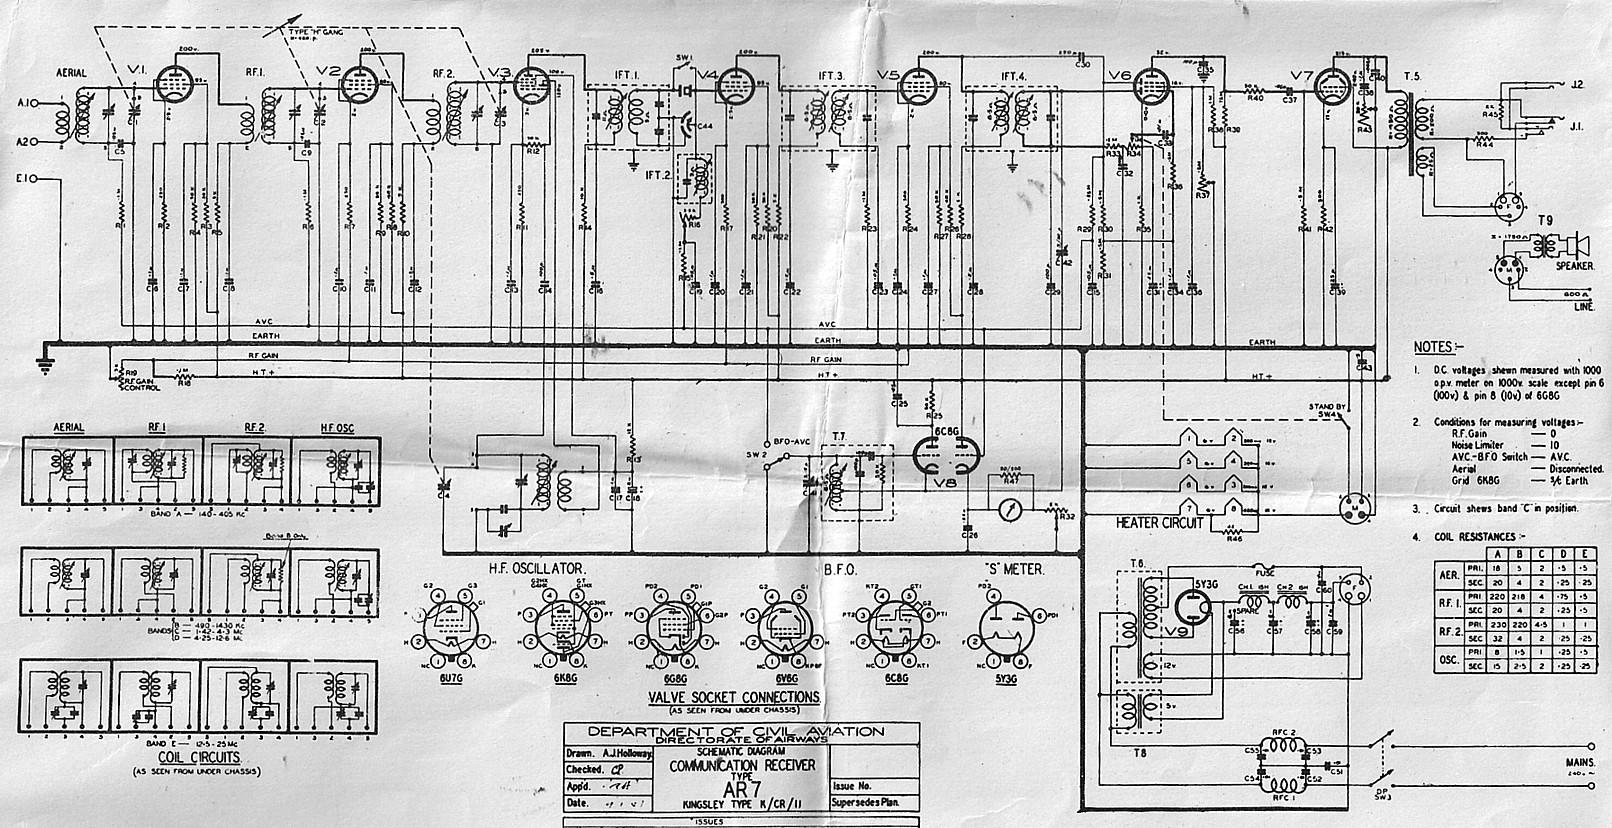 receiver ar7 sw ar 15 parts diagram ar 7 parts diagram #1